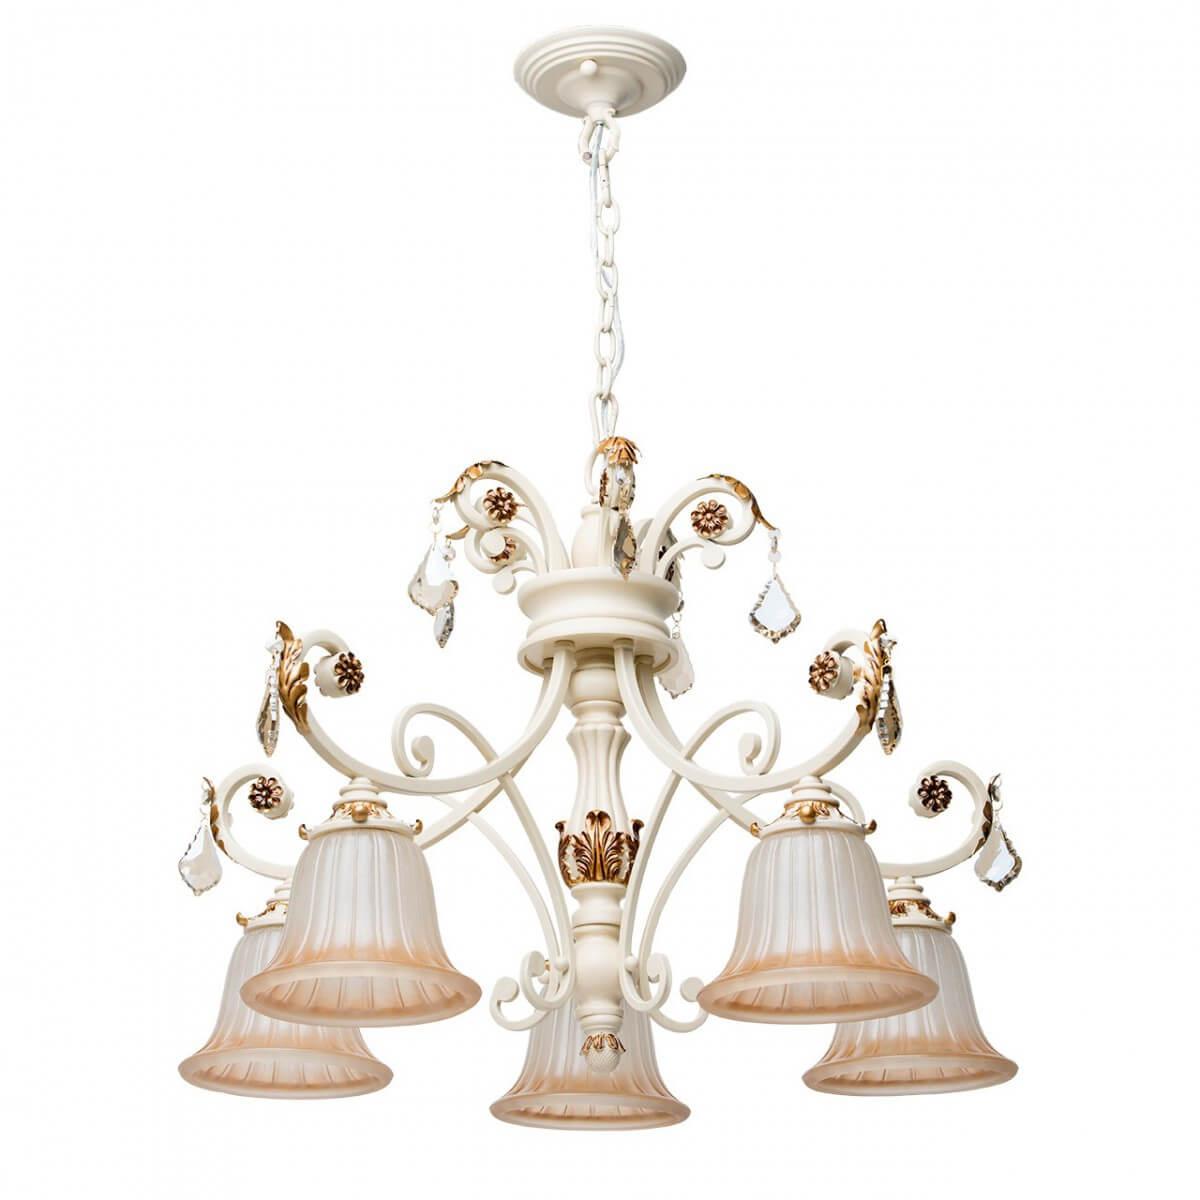 deckenleuchte in beige gold mit kristallen m bel24. Black Bedroom Furniture Sets. Home Design Ideas